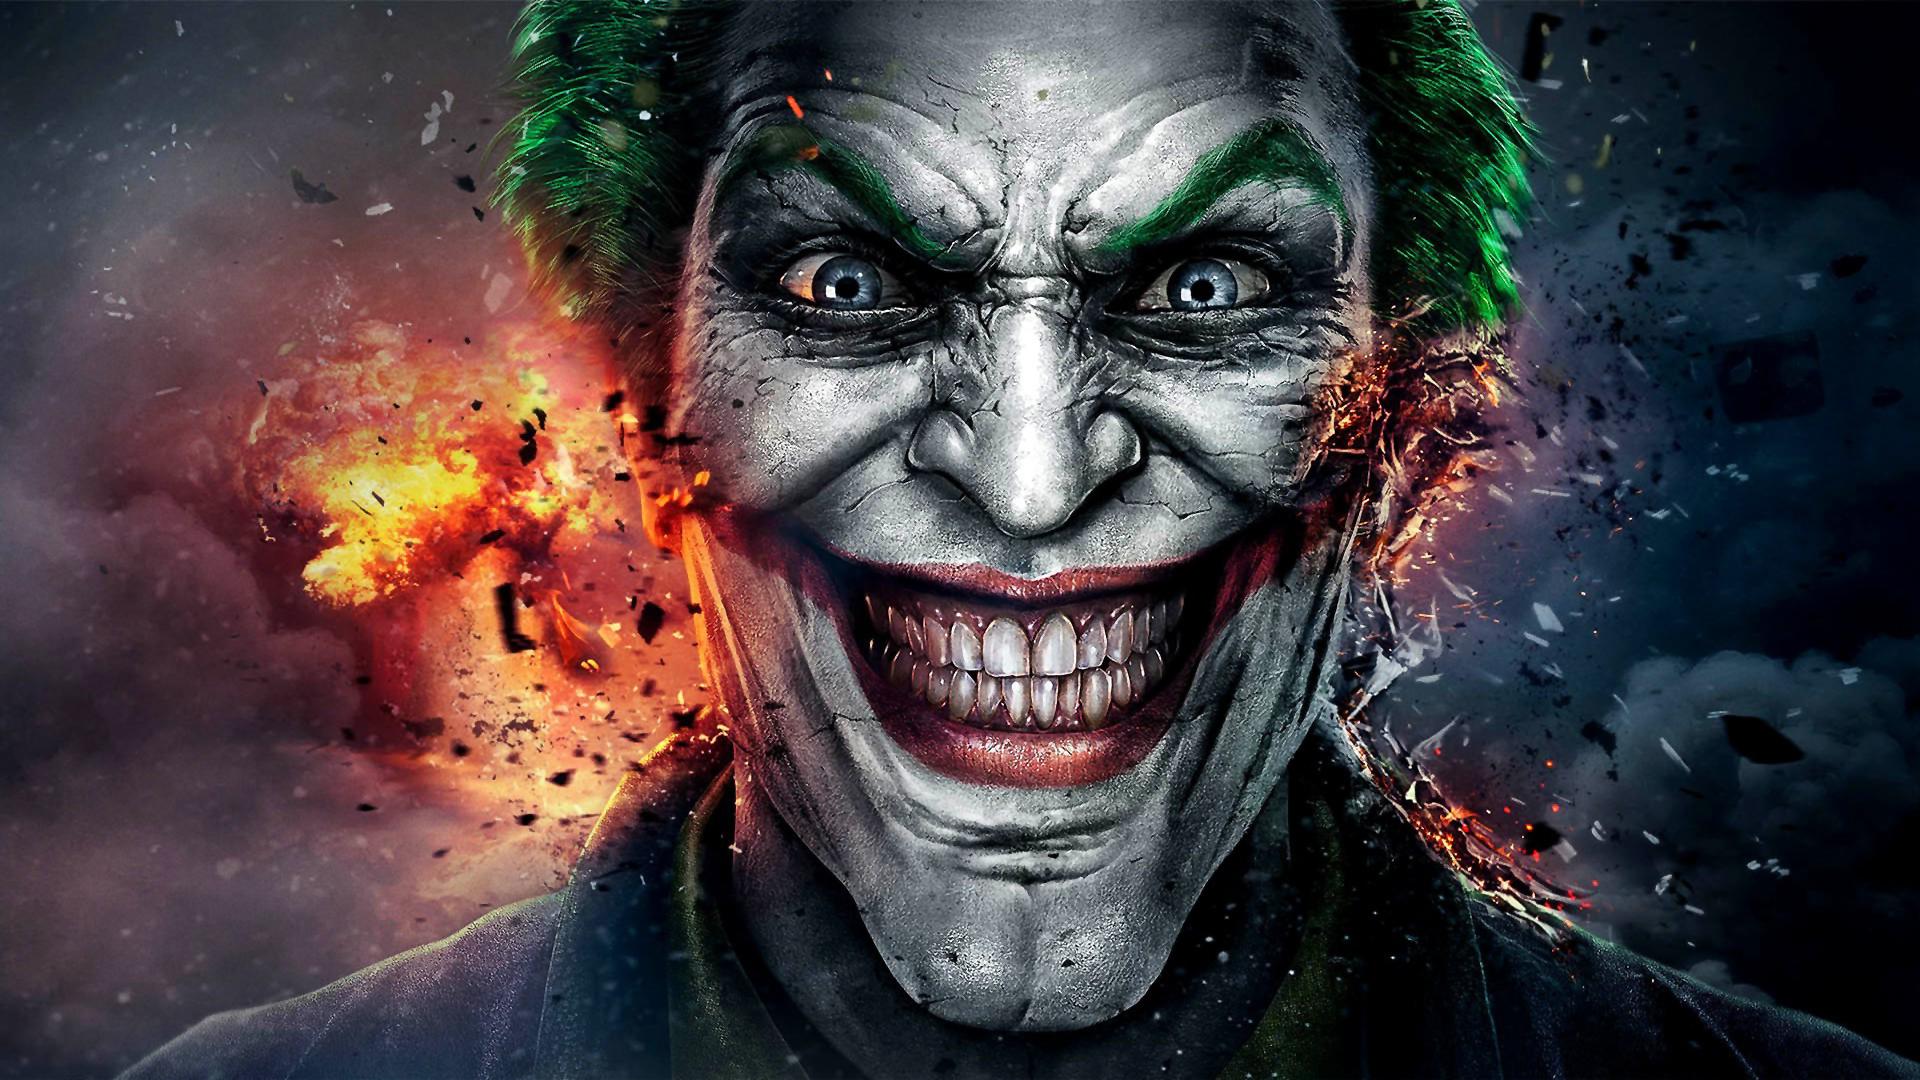 Joker | Warner Bros Wiki | FANDOM powered by Wikia